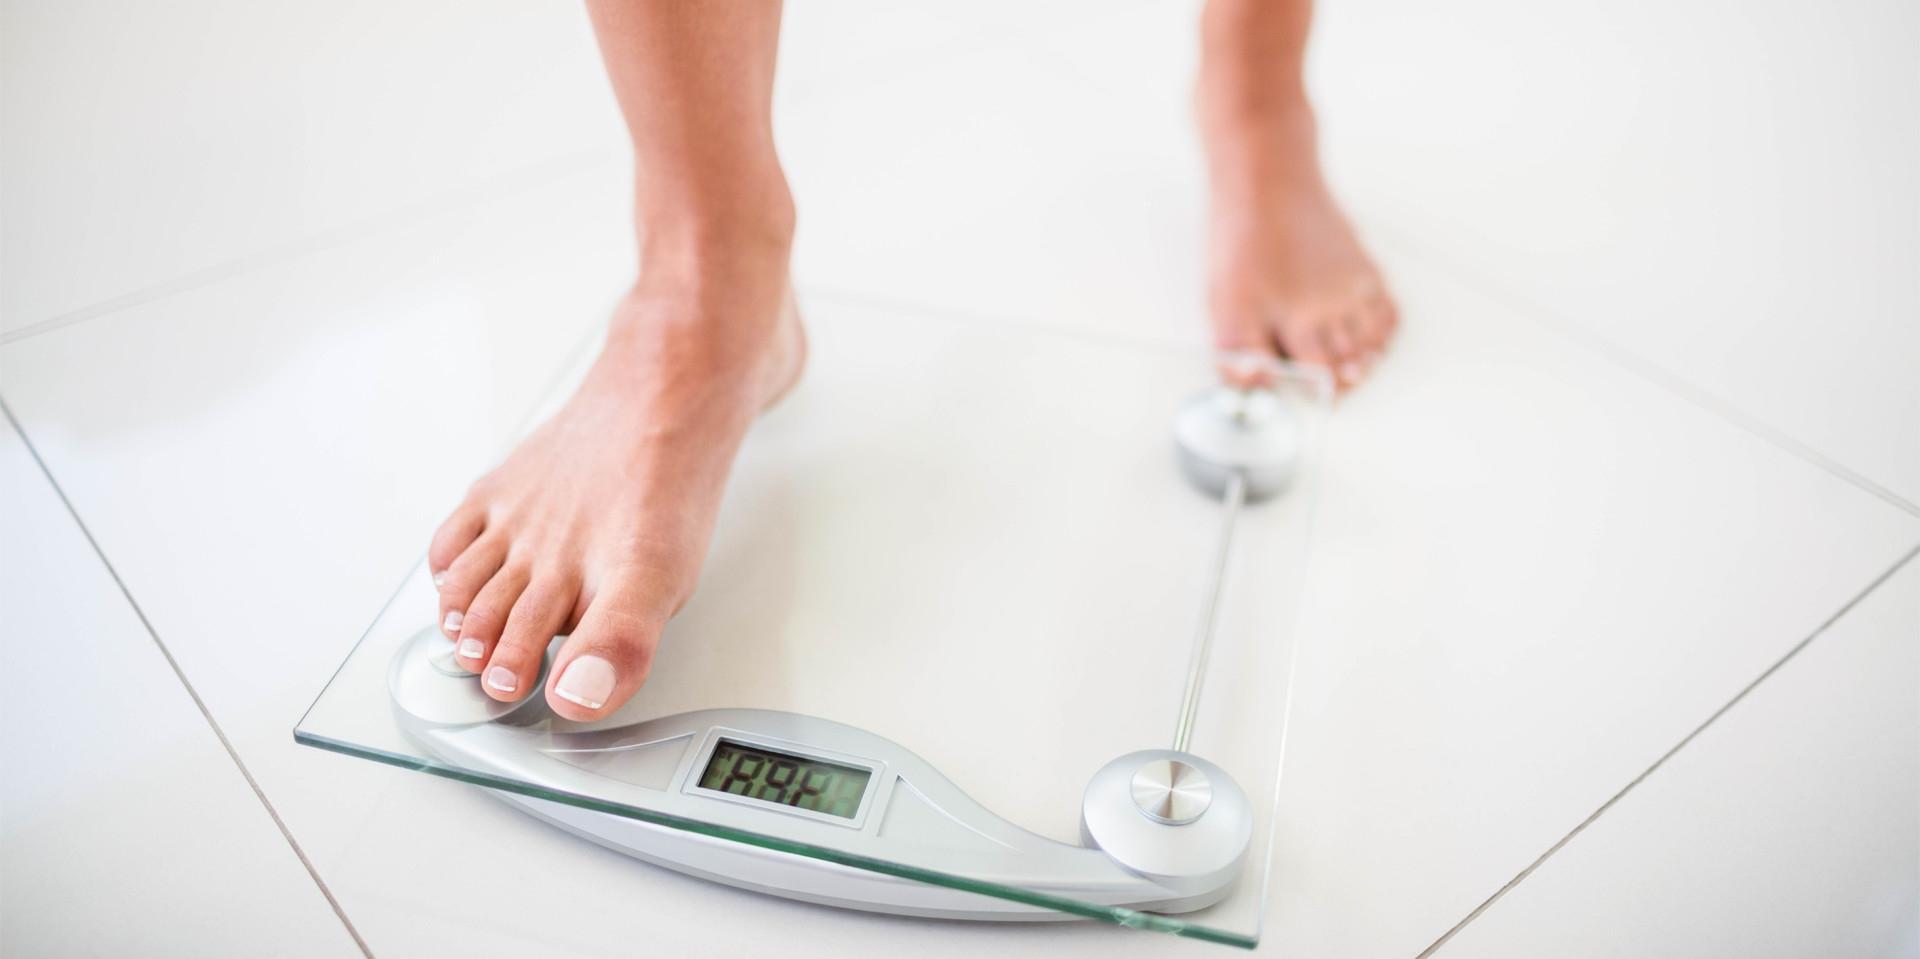 importanța pierderii în greutate)